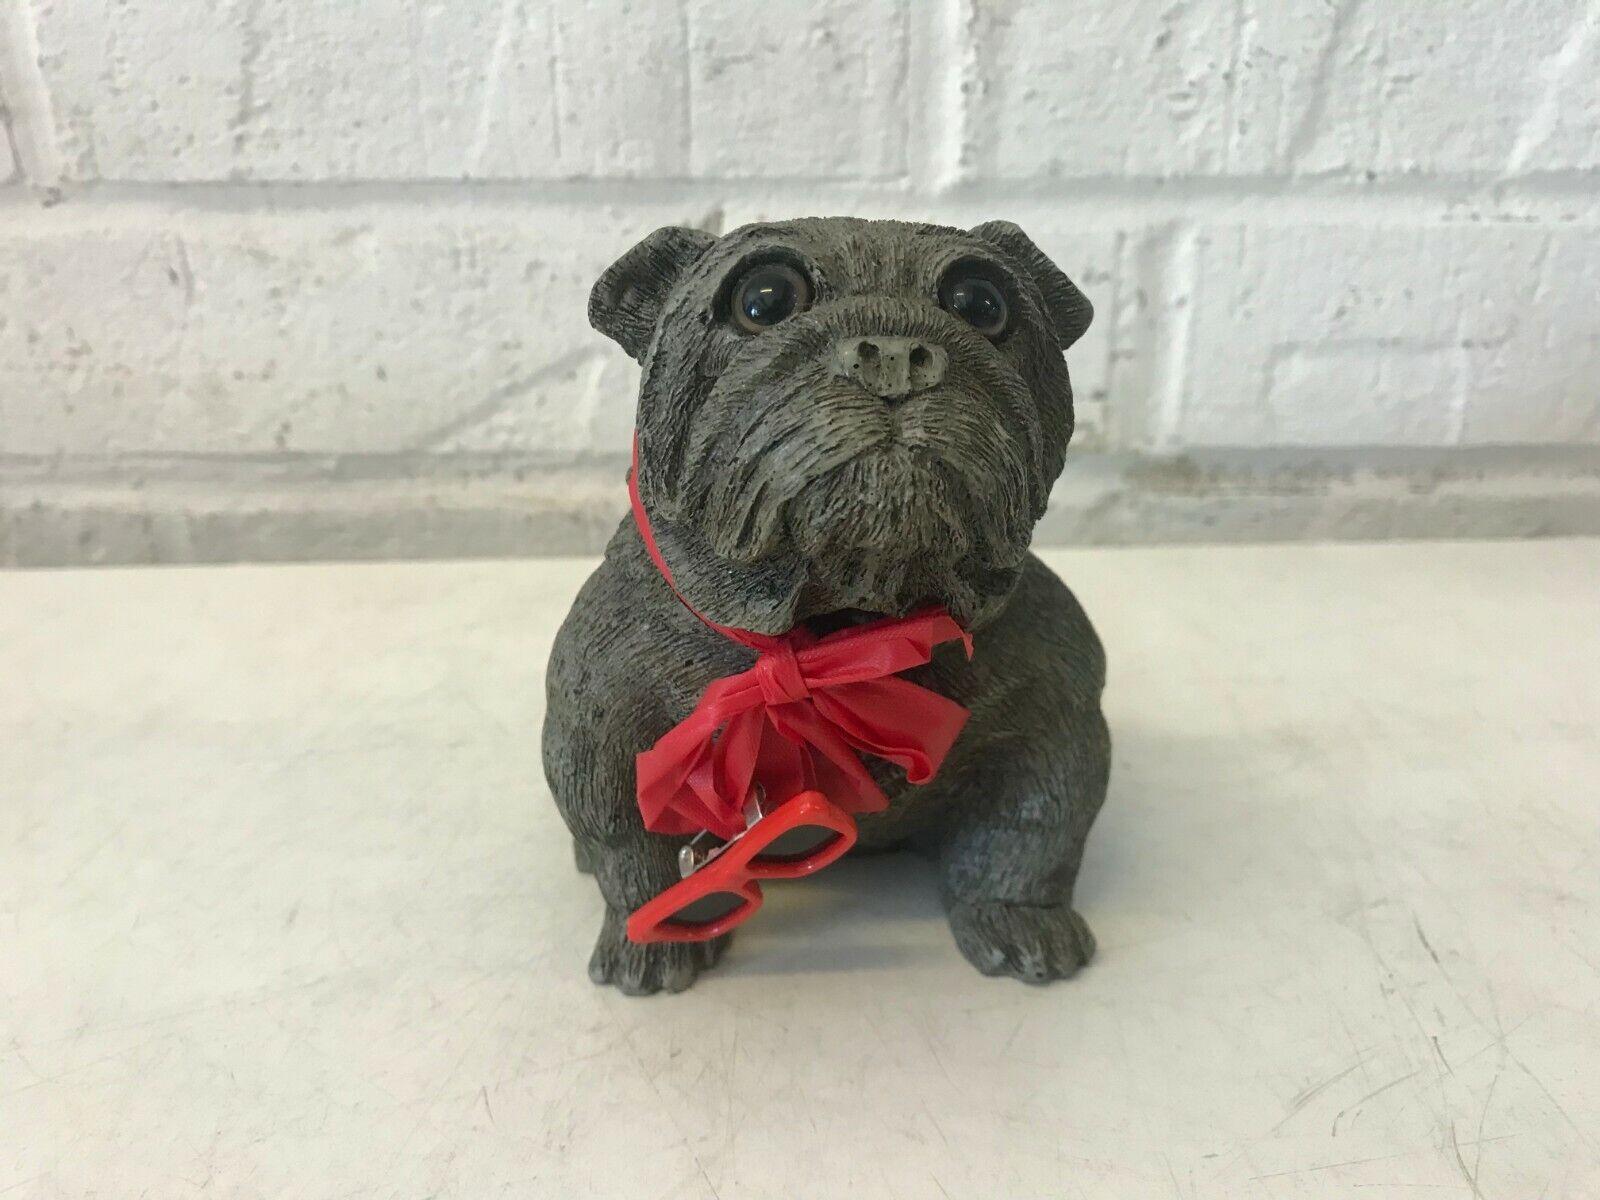 Bulldog anglais figurine noir assis signé avec noeud & soleil clip